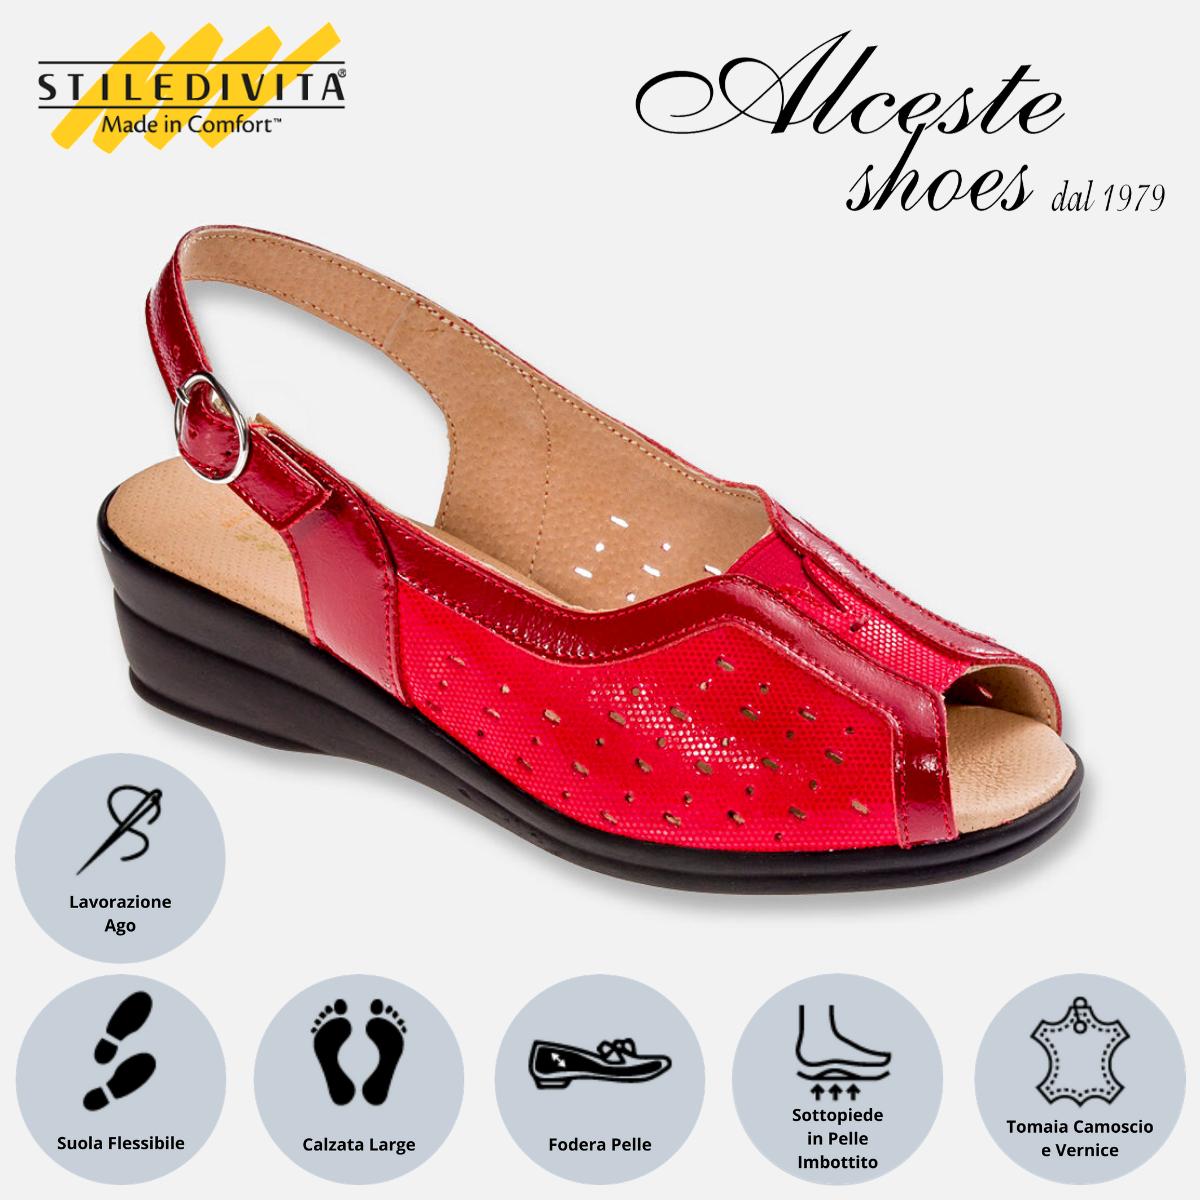 Sandalo Traforato Stiledivita Art. 4938 Camoscio e Vernice Rosso Alceste Shoes 4938 Rosso